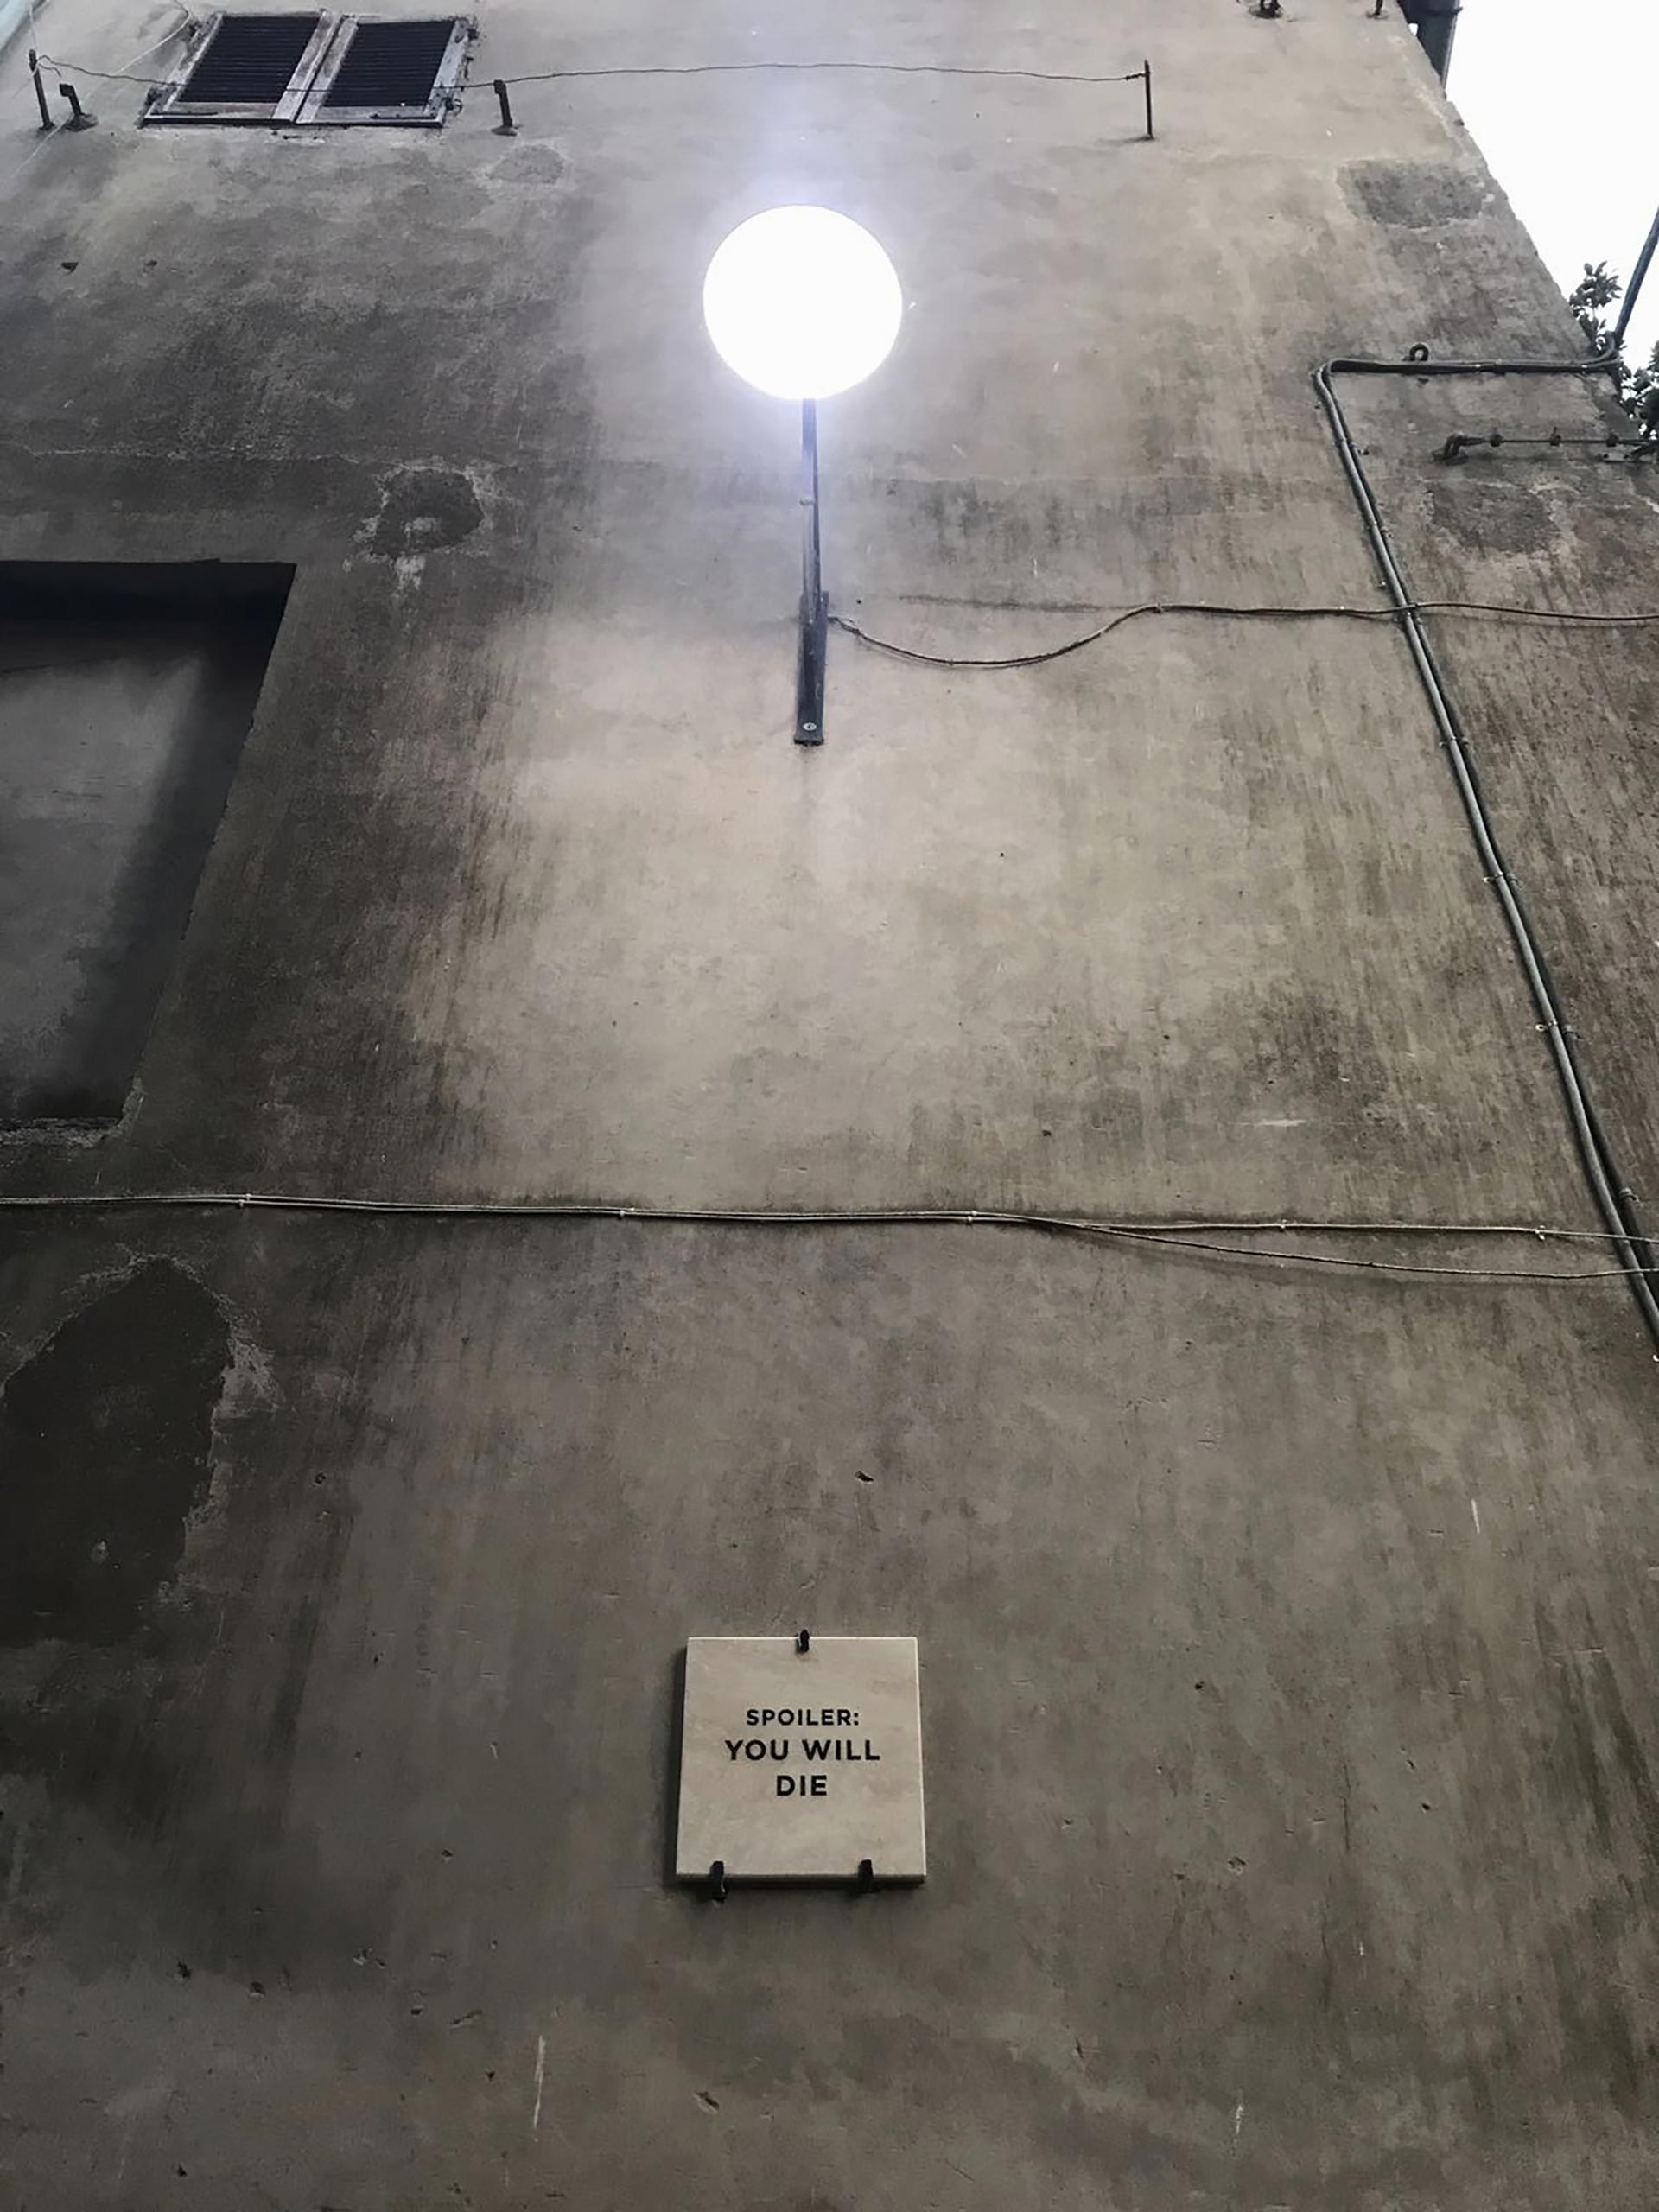 intervento installativo permanente presso il comune di Acquapendente (via del Rivo), nell'ambito di Urban Vision Festival. Intervento a cura di Serena Achilli.